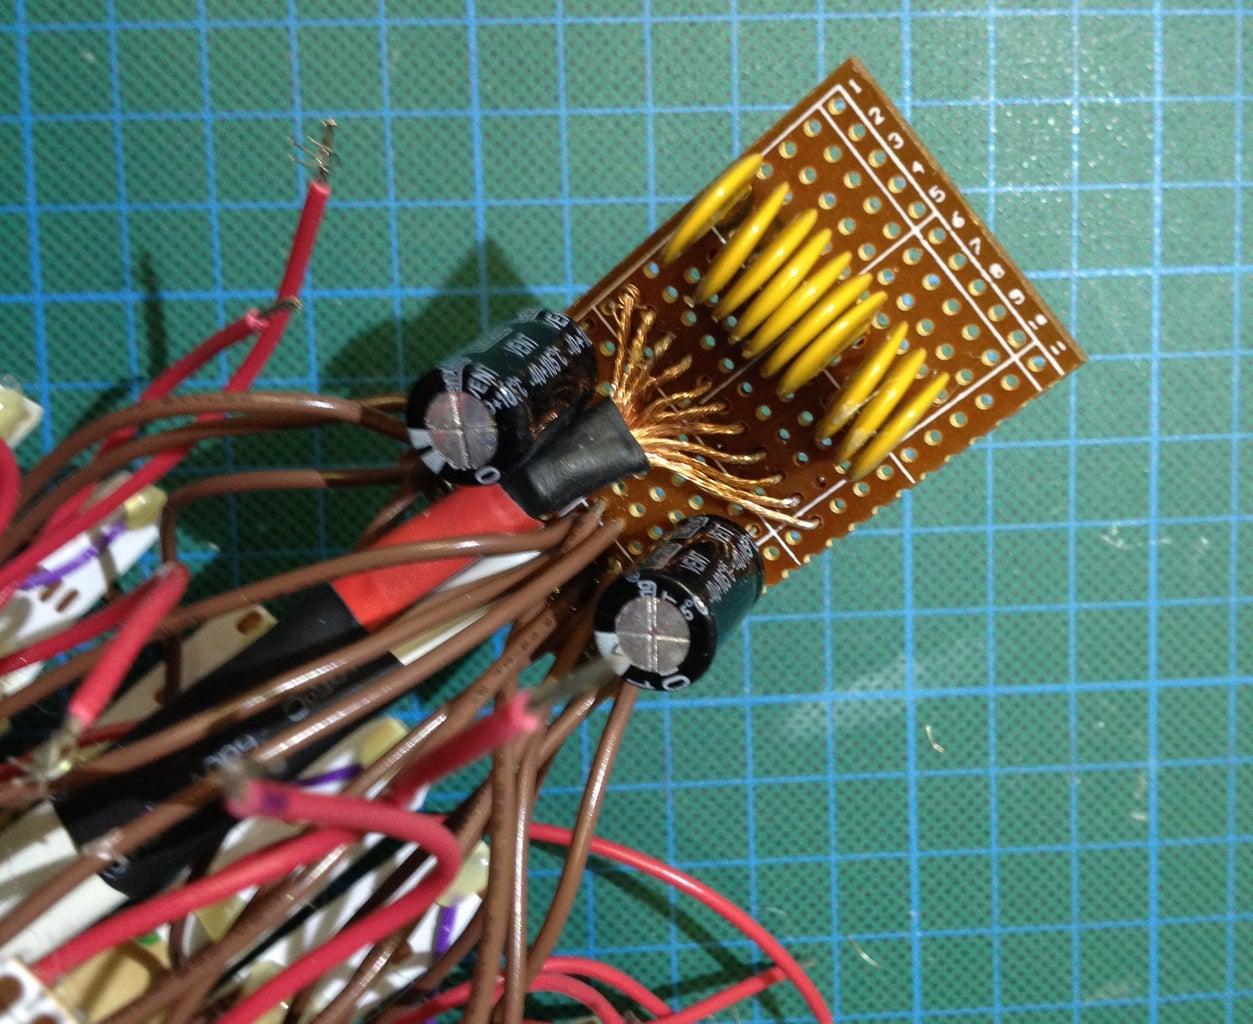 LEDs Assembly Part 3